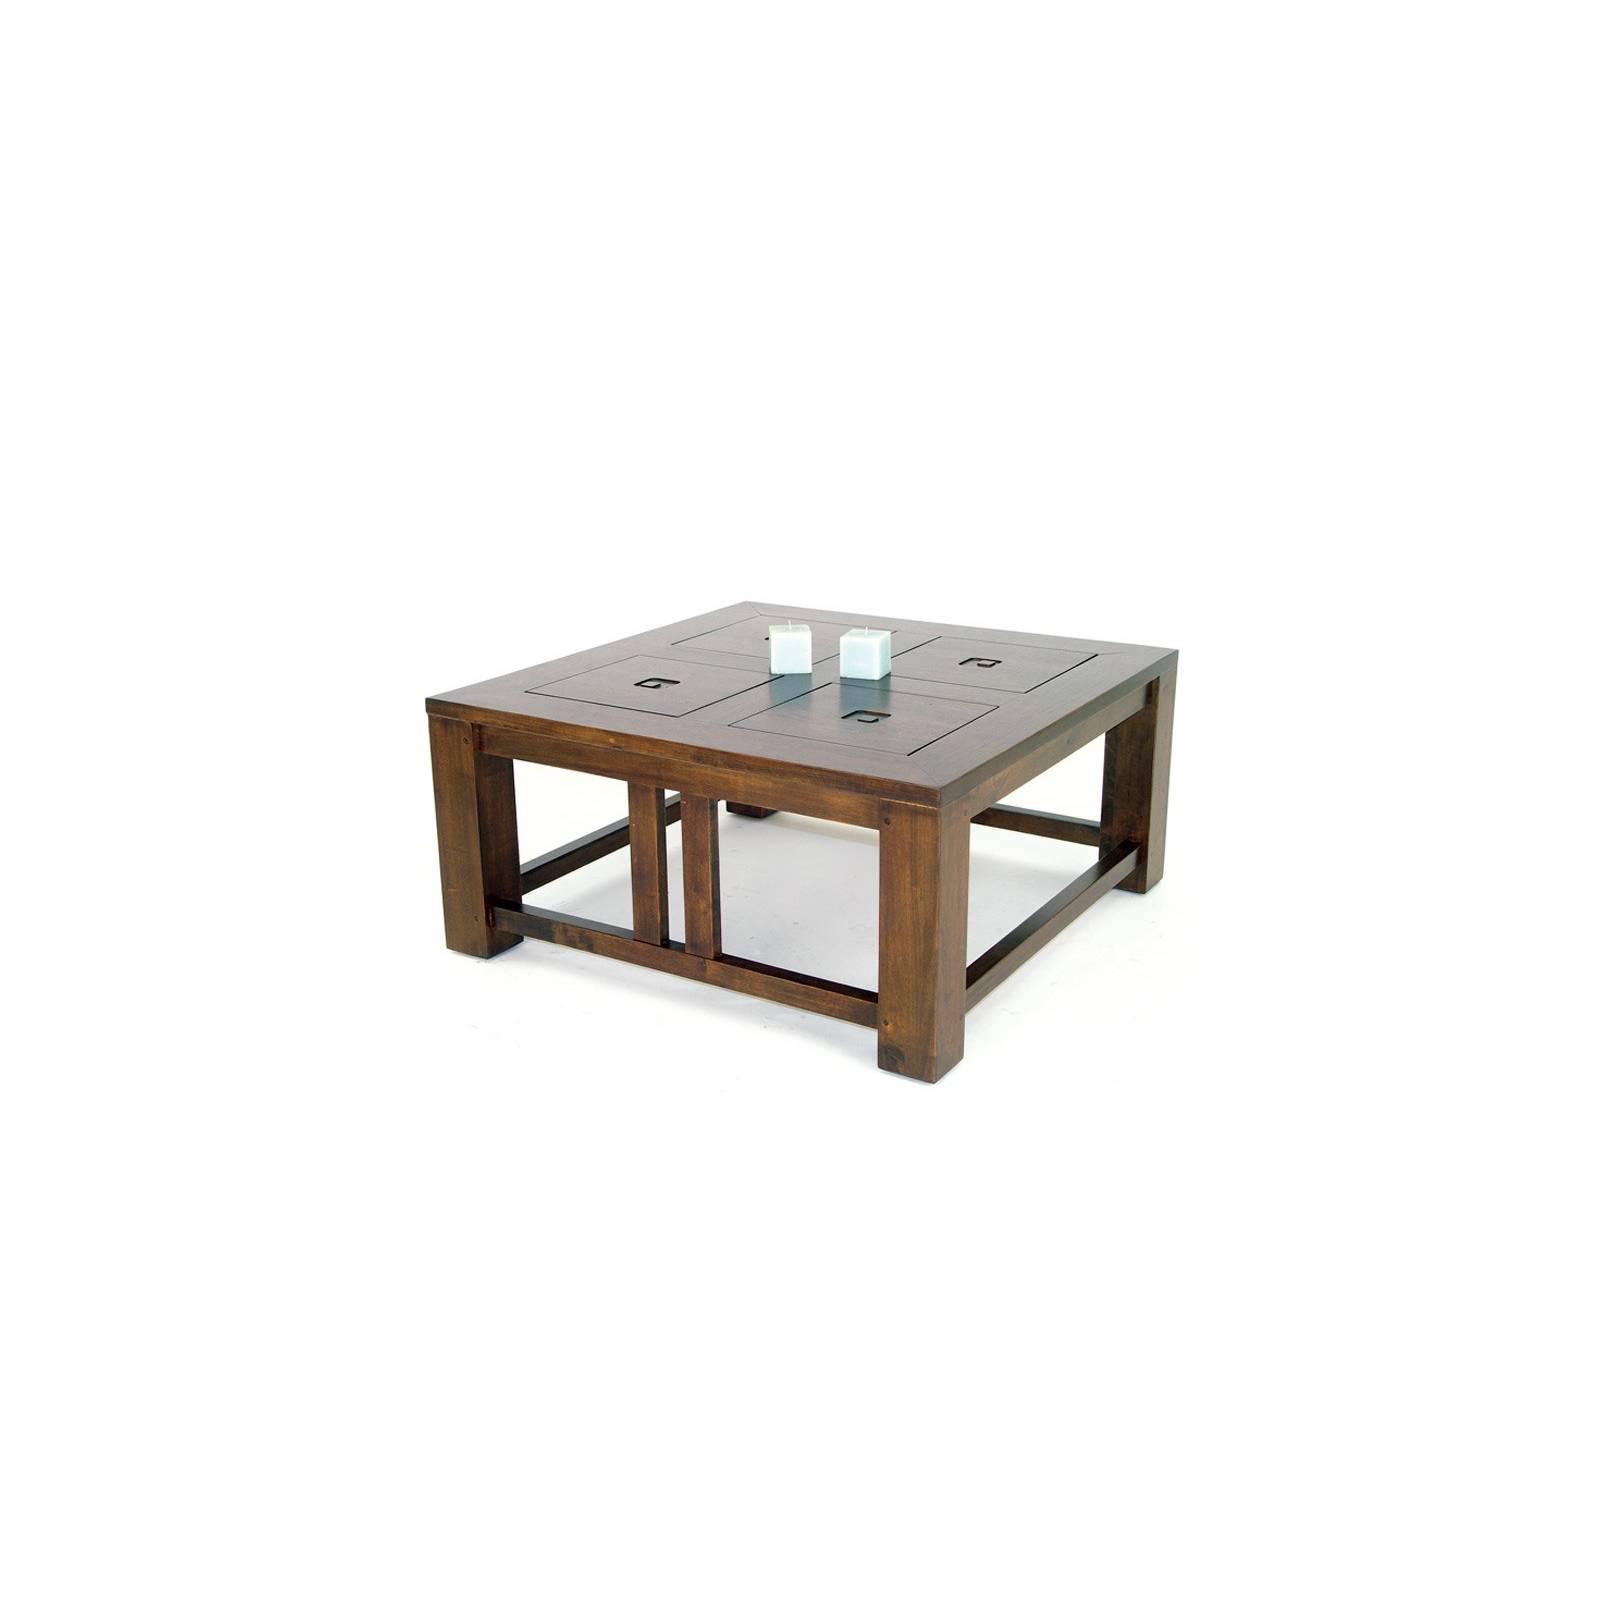 Table Basse Carrée Tanoa Hévéa - mobilier bois massif